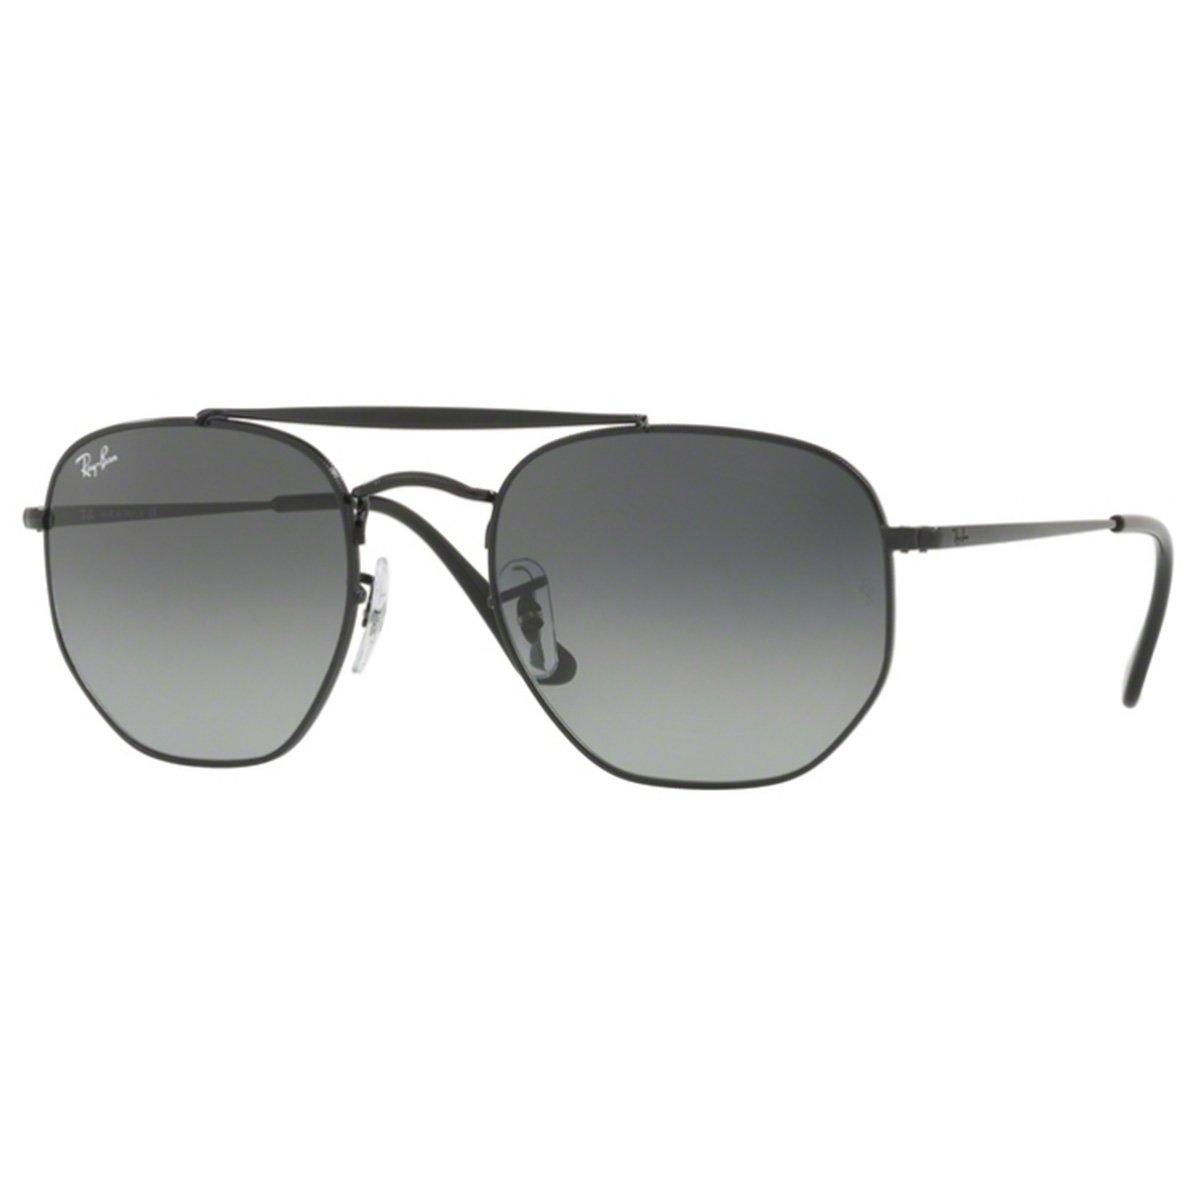 Compre Óculos de Sol Ray Ban Marshal em 10X   Tri-Jóia Shop 51264d740c